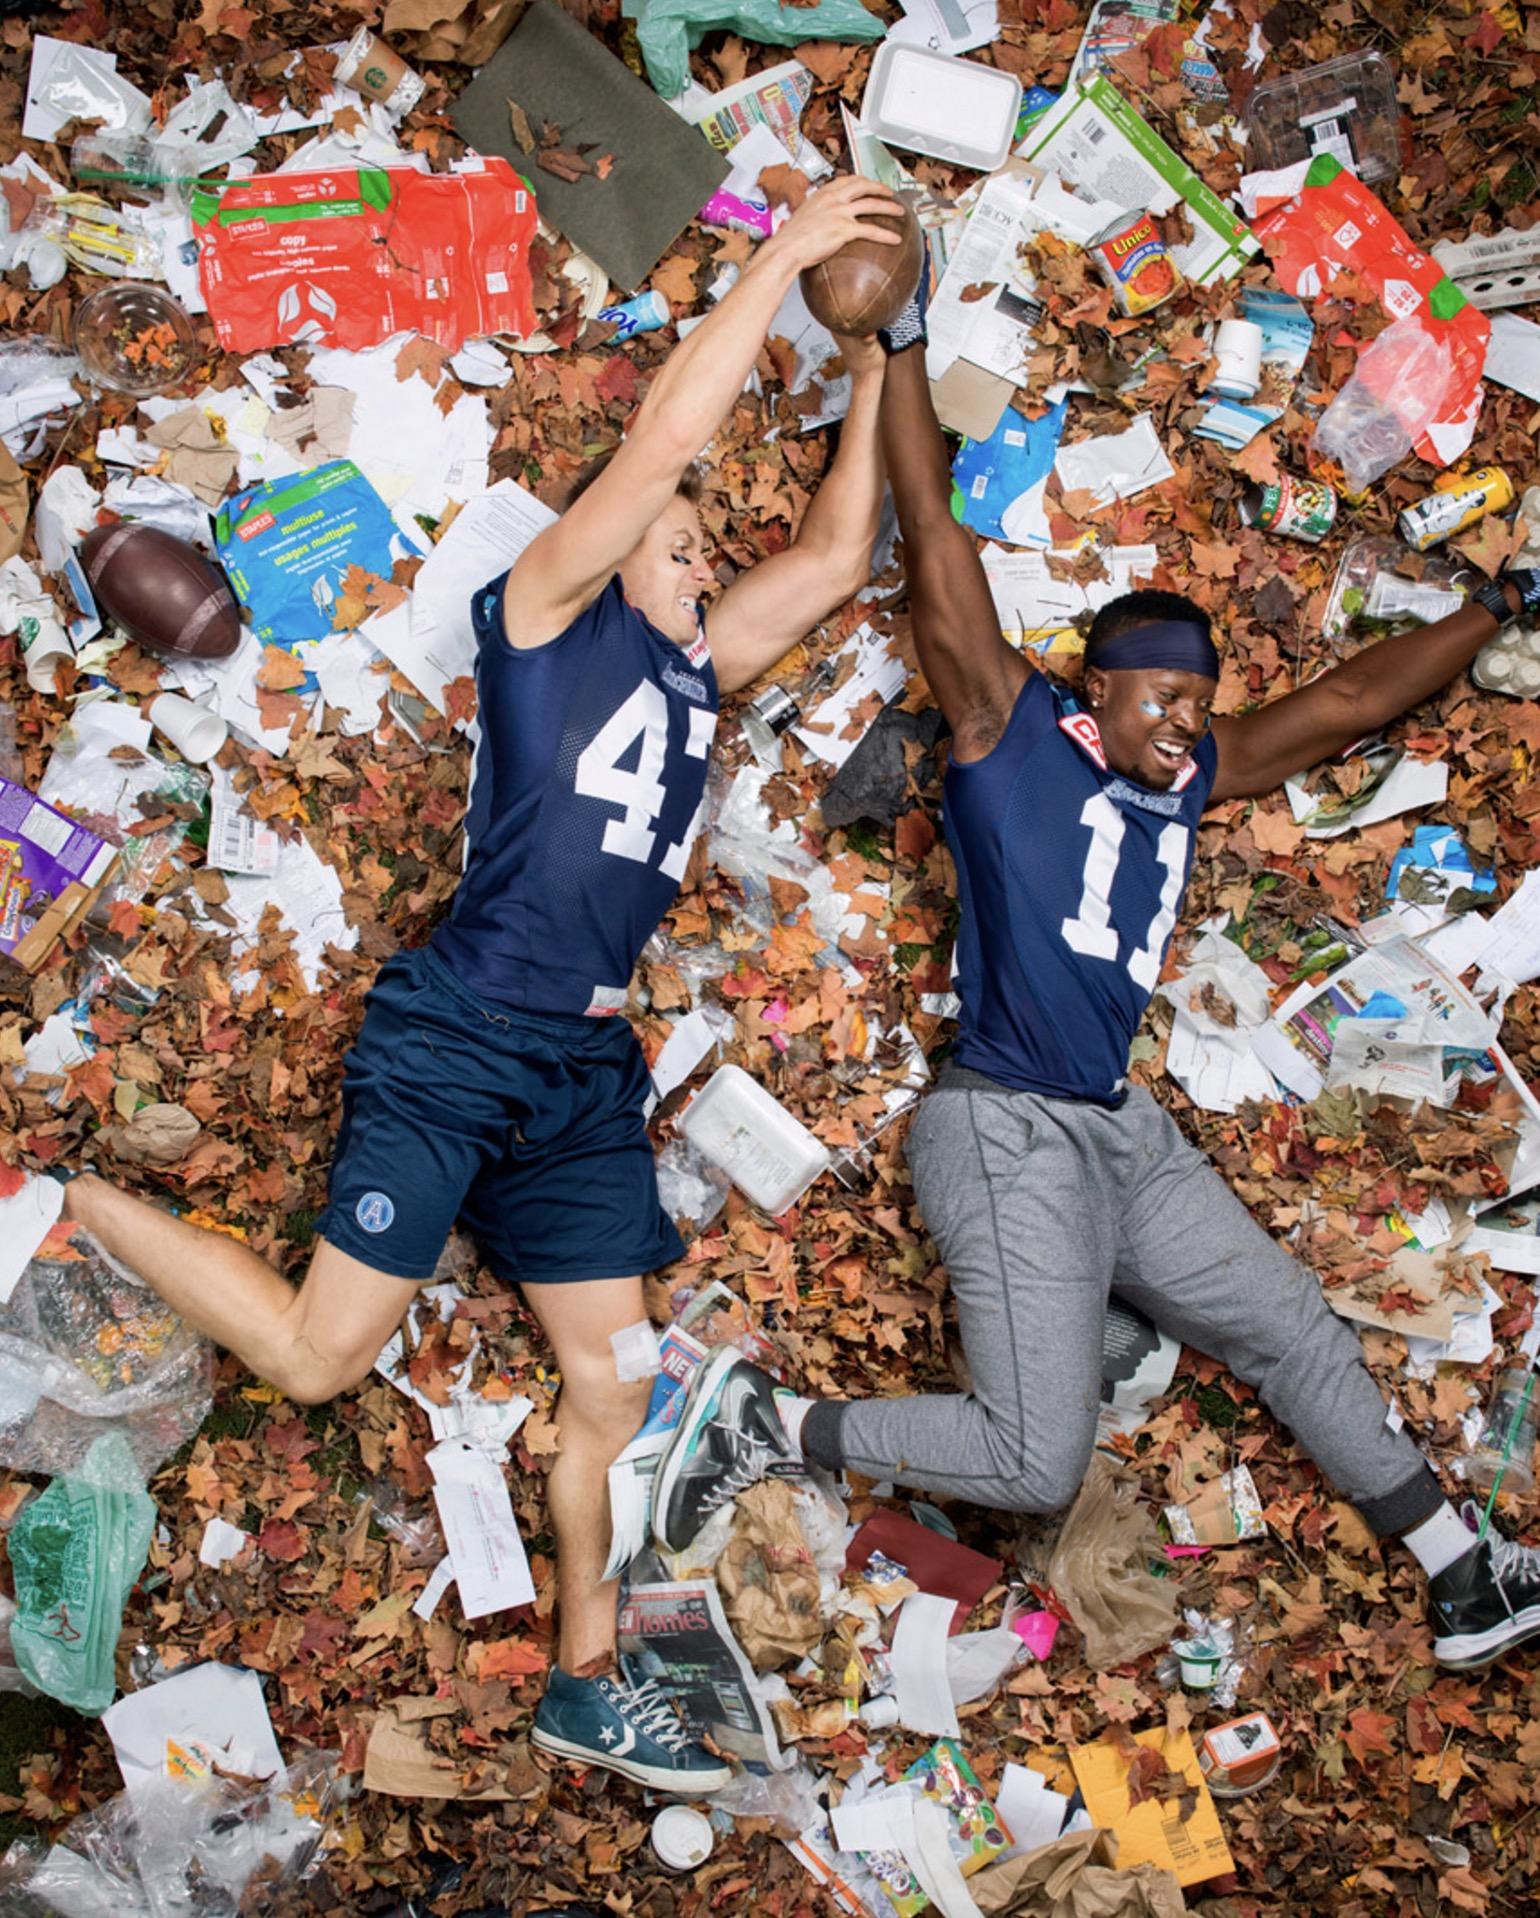 7 Days Of Garbage_Gregg Segal_organiconcrete_7